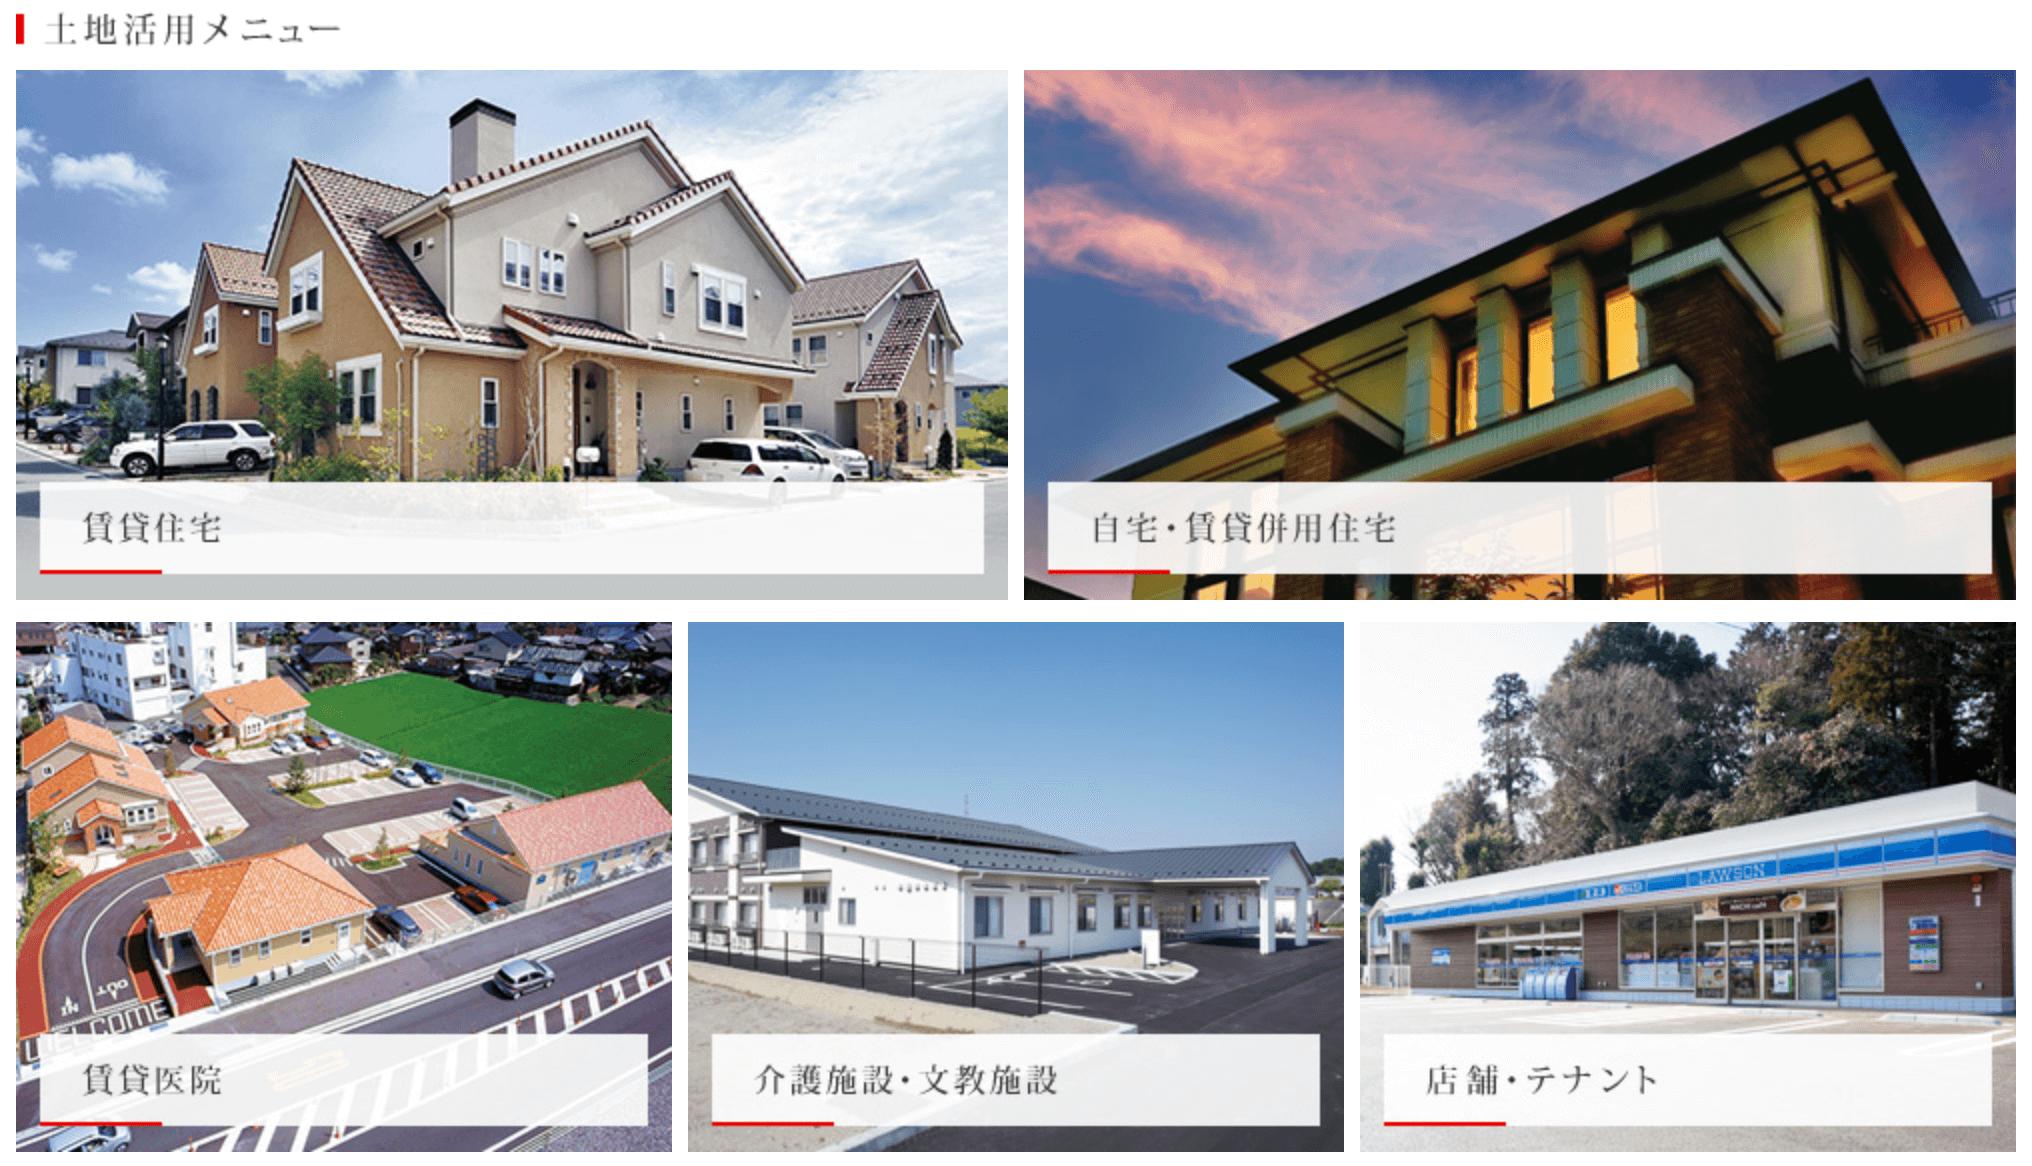 三井ホームで対応している土地活用の種類